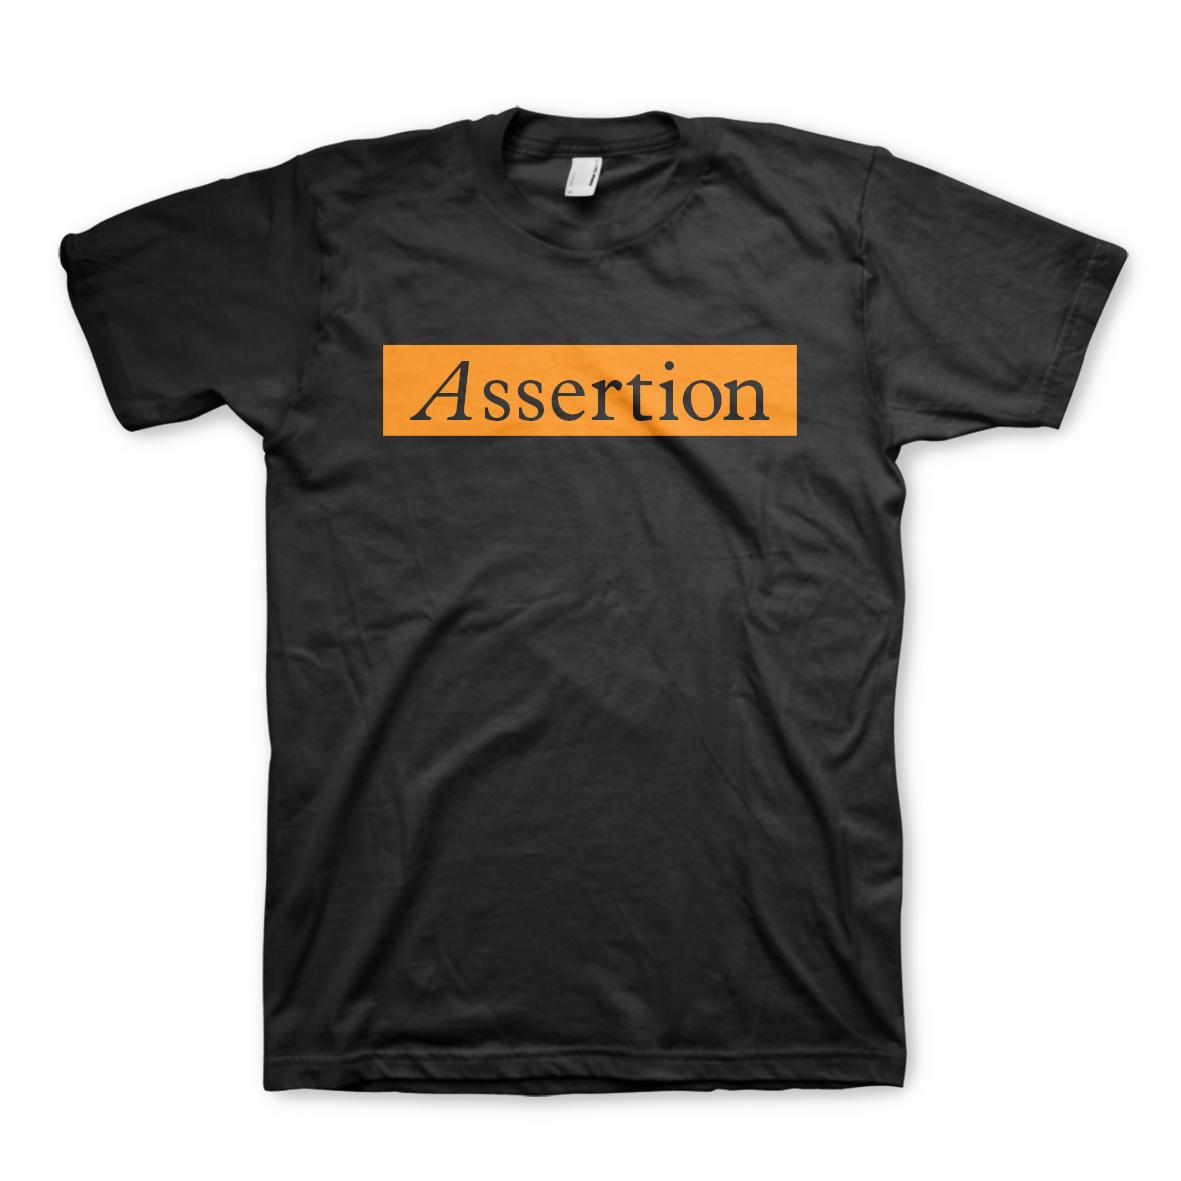 Assertion - Logo T-Shirt